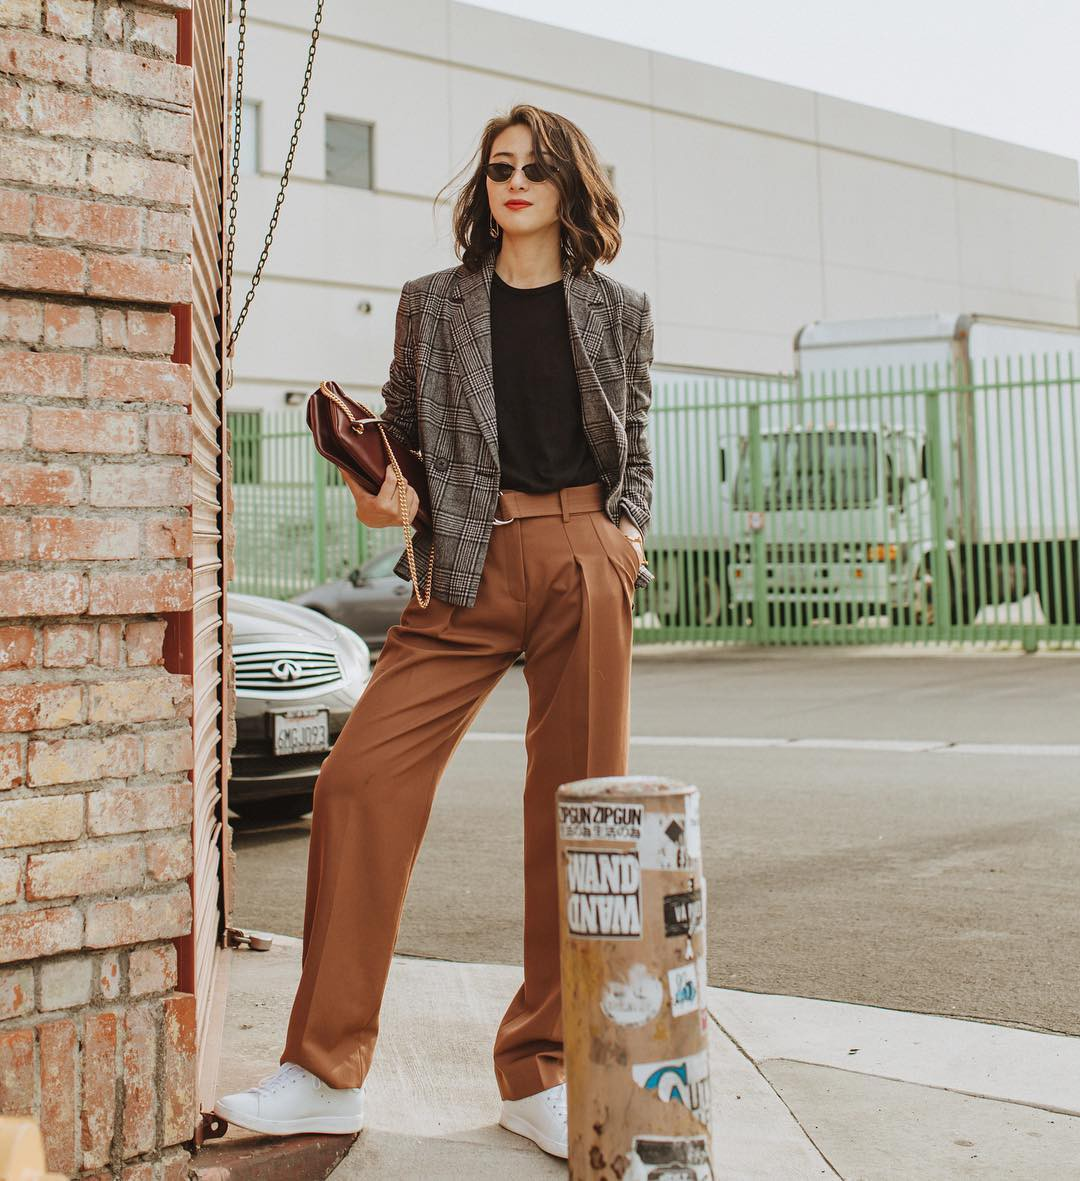 Khi bị đồng nghiệp chê mặc xấu: Nàng công sở đừng mặc kệ mà hãy cải tổ phong cách với 8 items sau đây - Ảnh 11